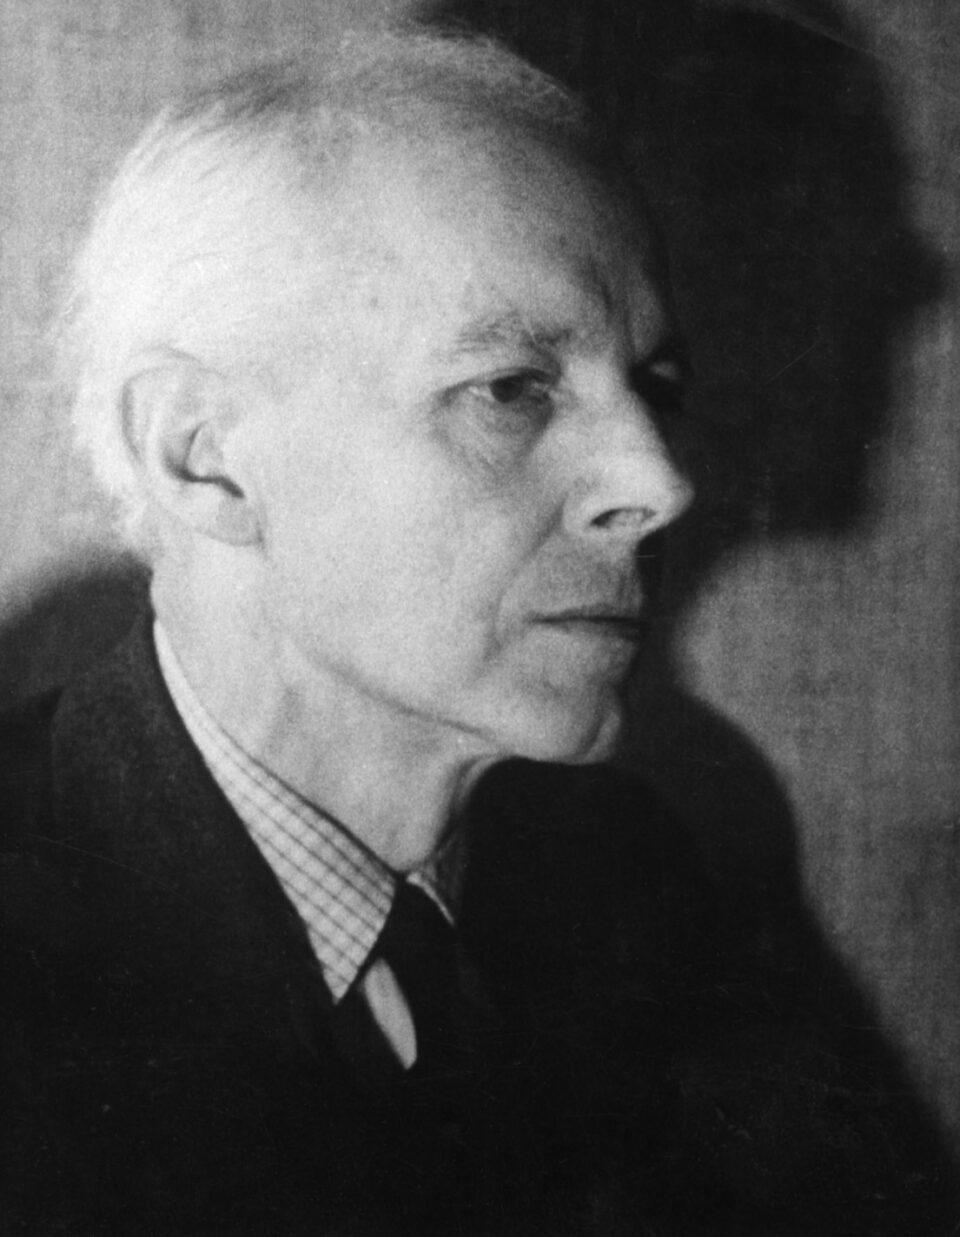 Béla Bartók (1881-1945): Concerto para Orquestra / Divertimento para Cordas / Scherzo para Orquestra (Doráti, Lehel) #BRTK140 Vol. 13 de 29